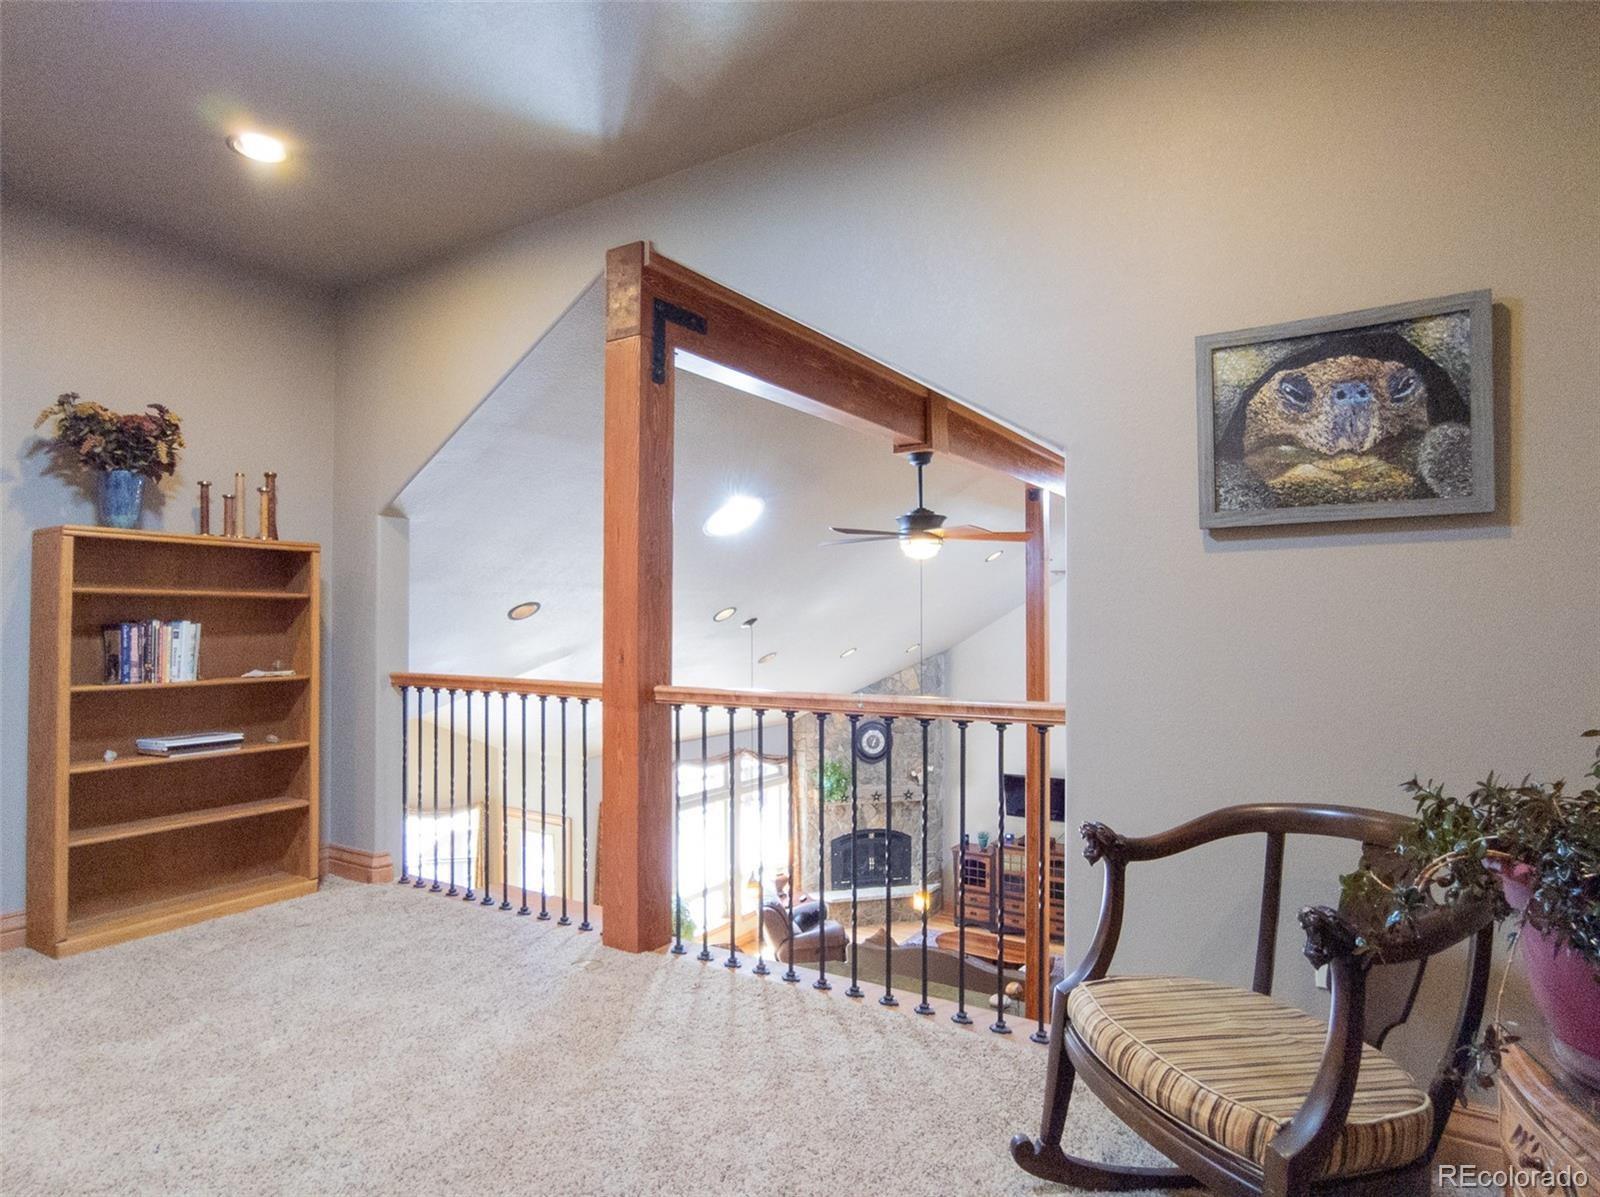 MLS# 5424724 - 20 - 401 County Road 9 , Leadville, CO 80461